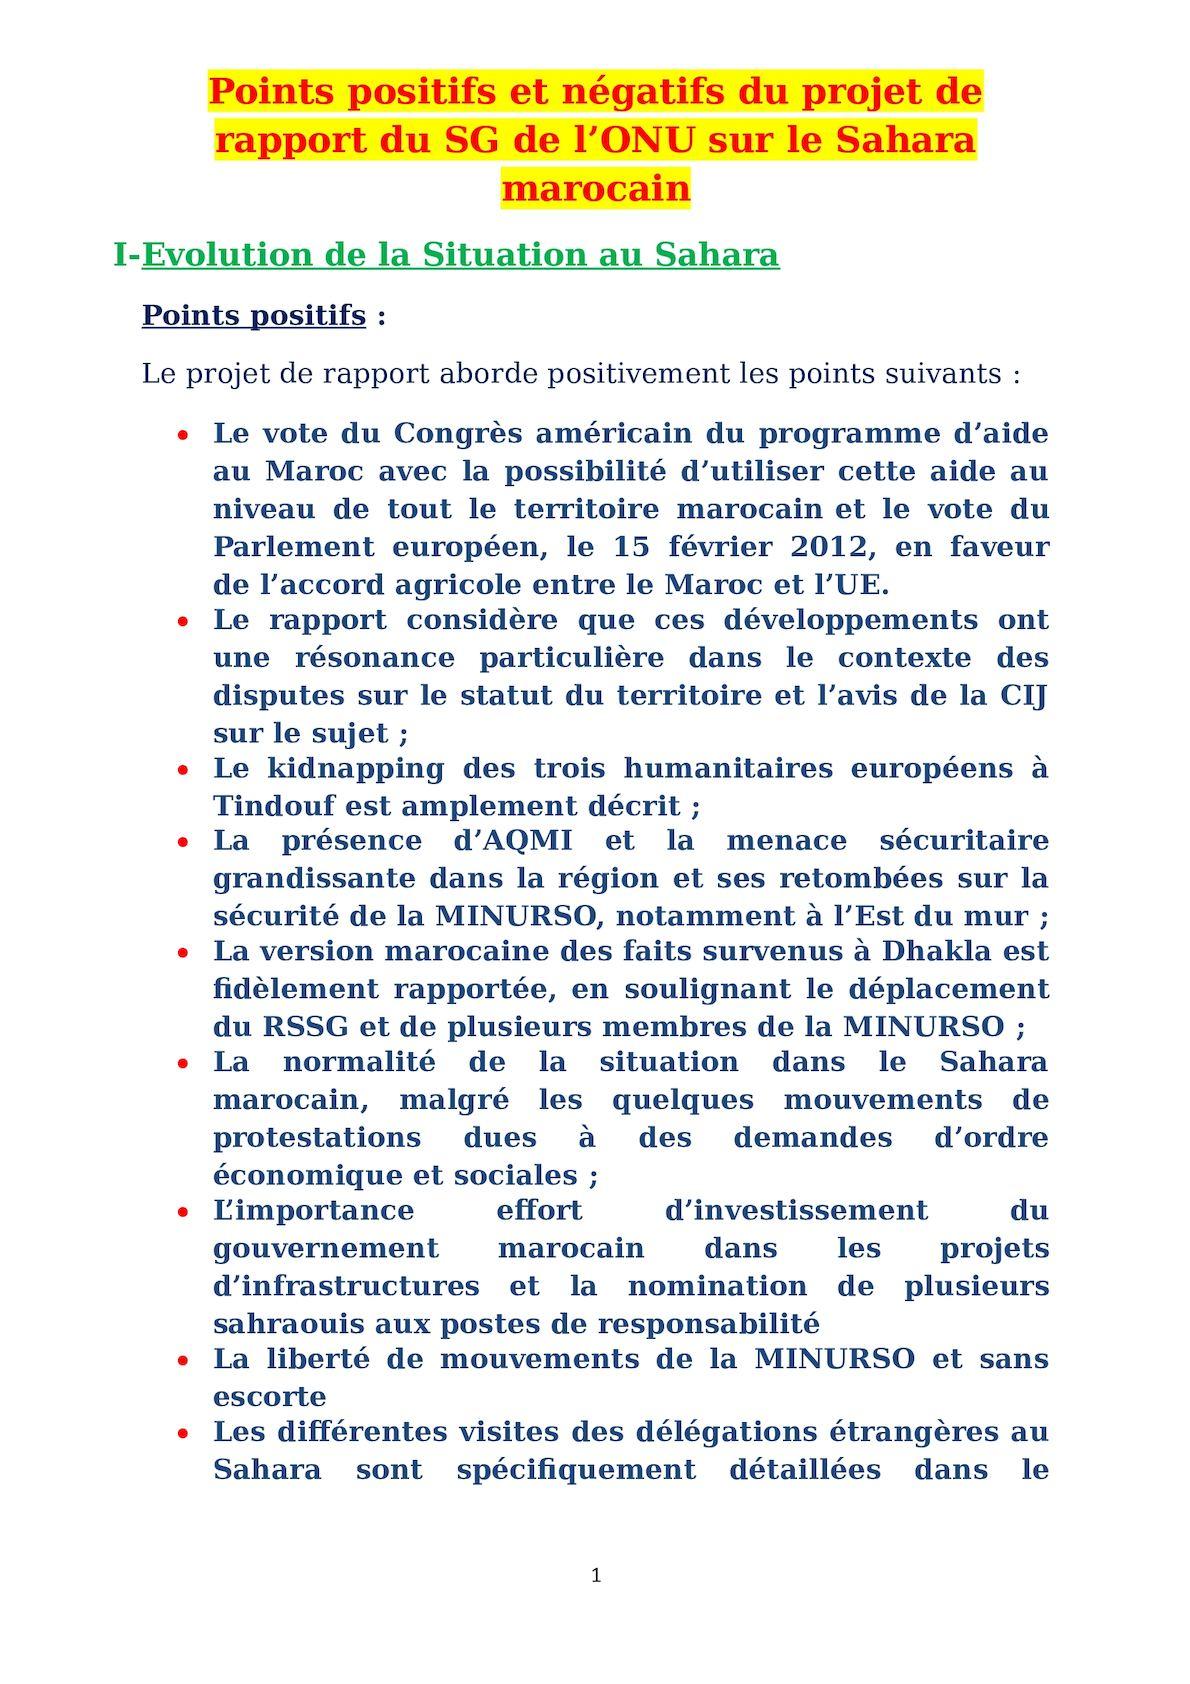 Points Positifs Et Négatids Du Rapport Sg 2012